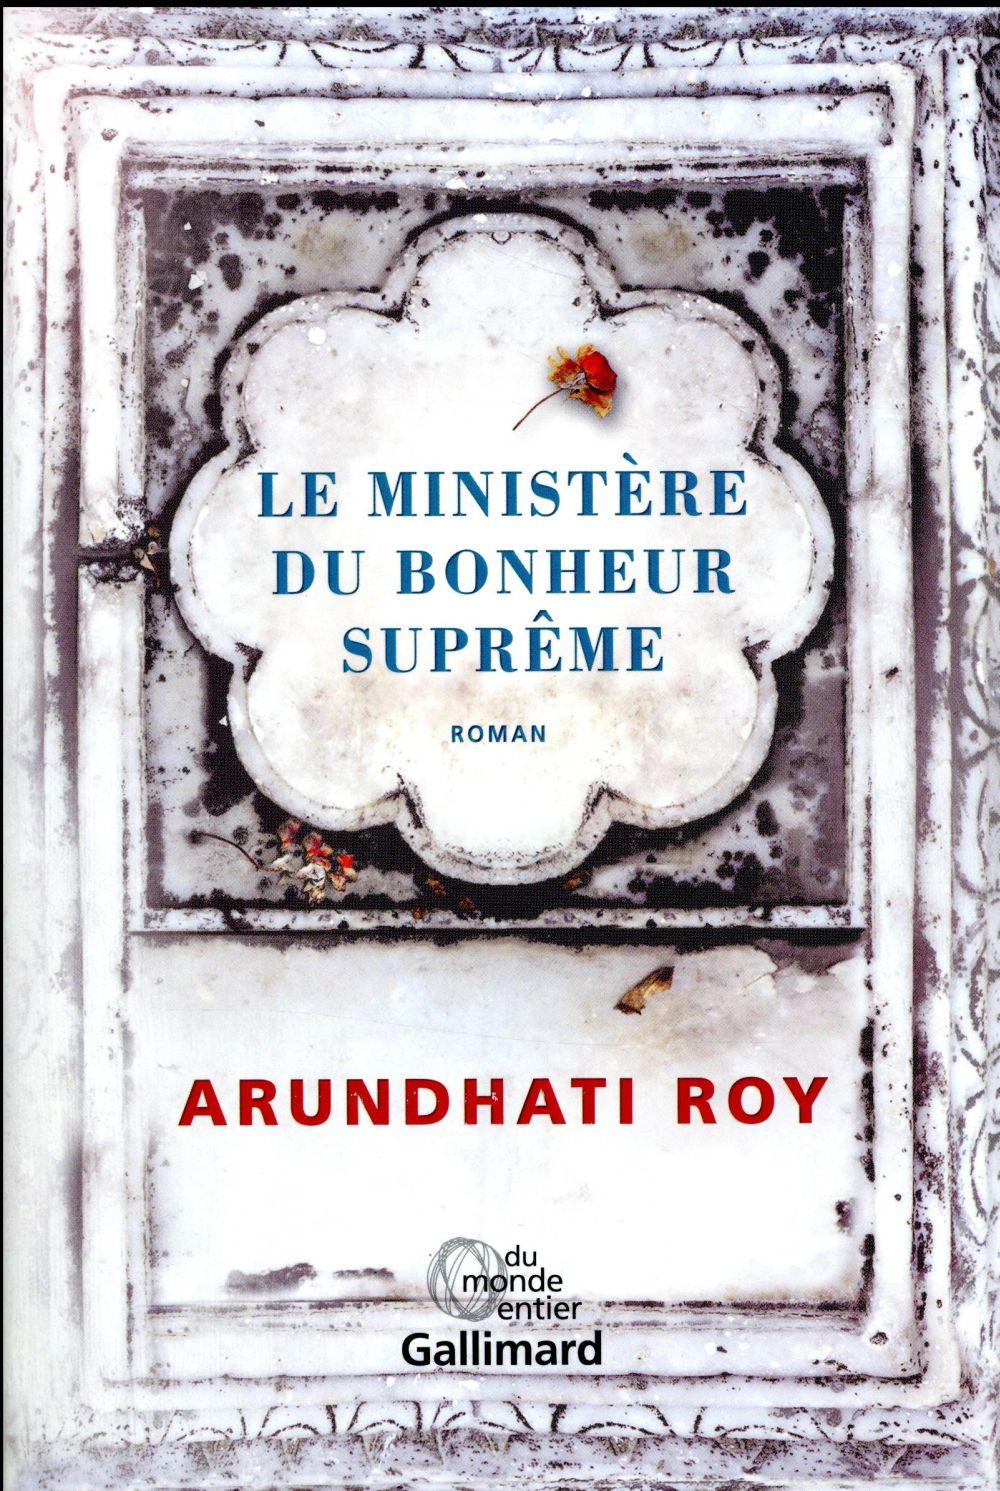 LE MINISTERE DU BONHEUR SUPREME